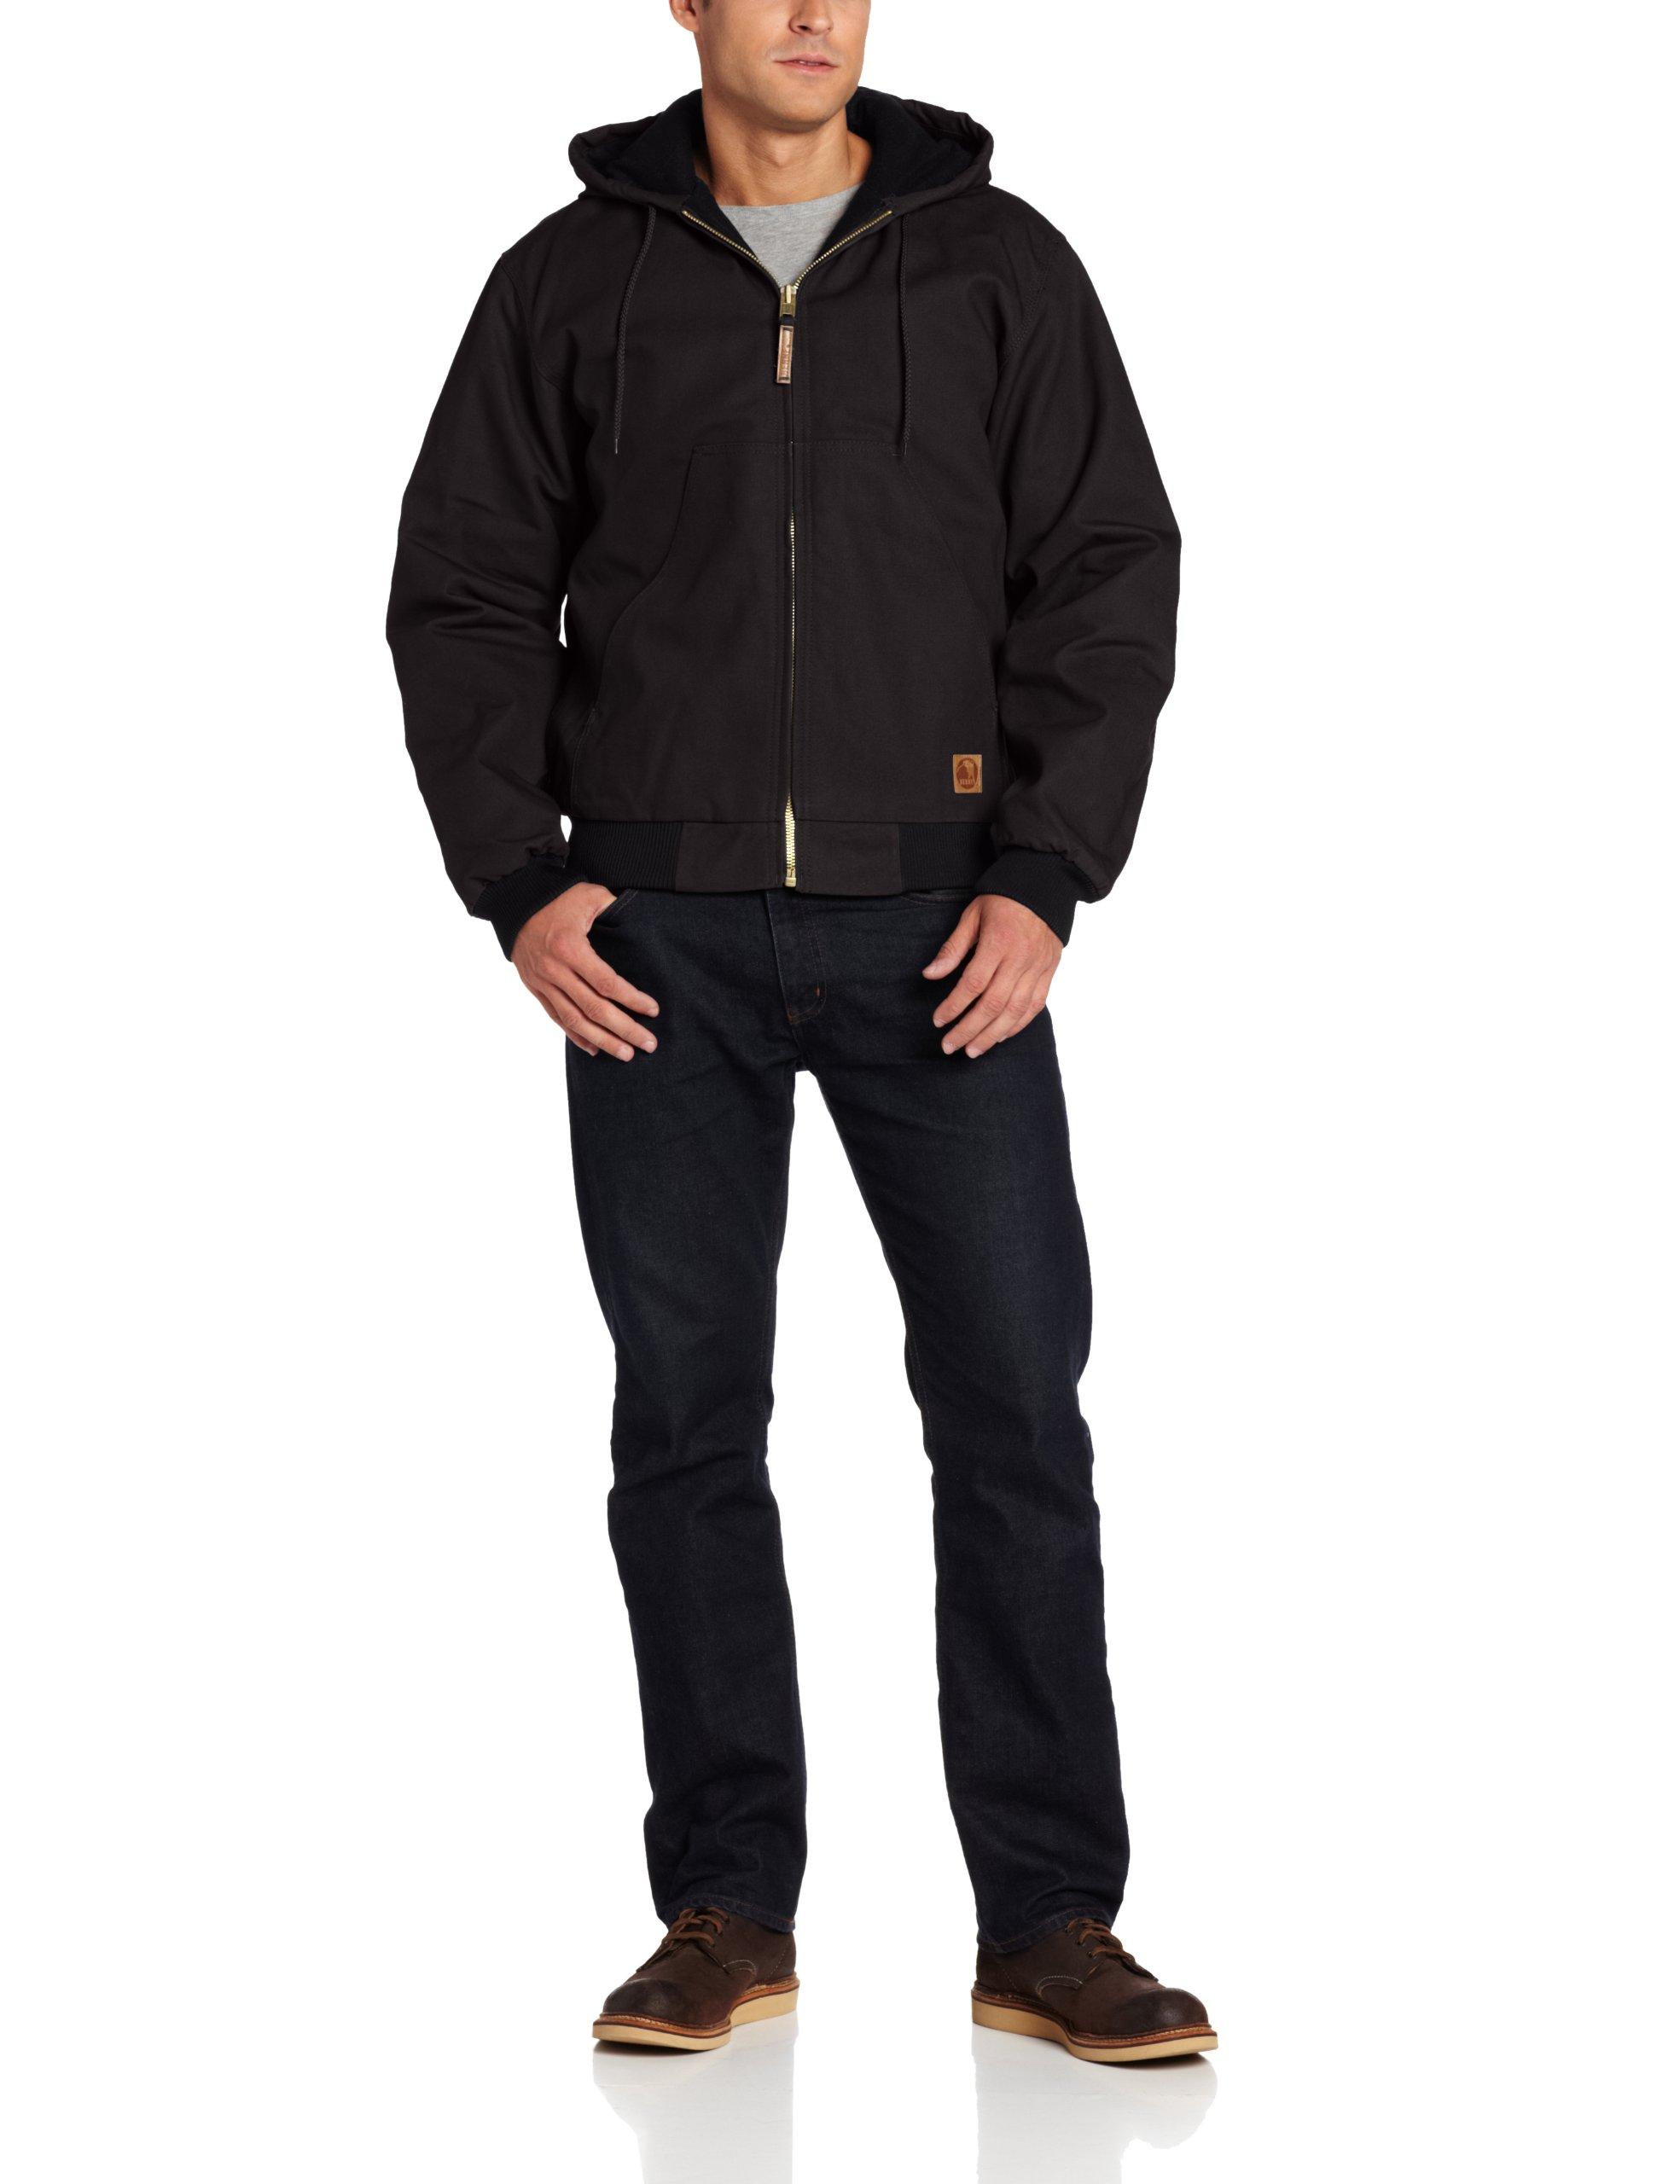 Berne Men's Original Hooded Jacket, Black, XX-Large/Regular by Berne